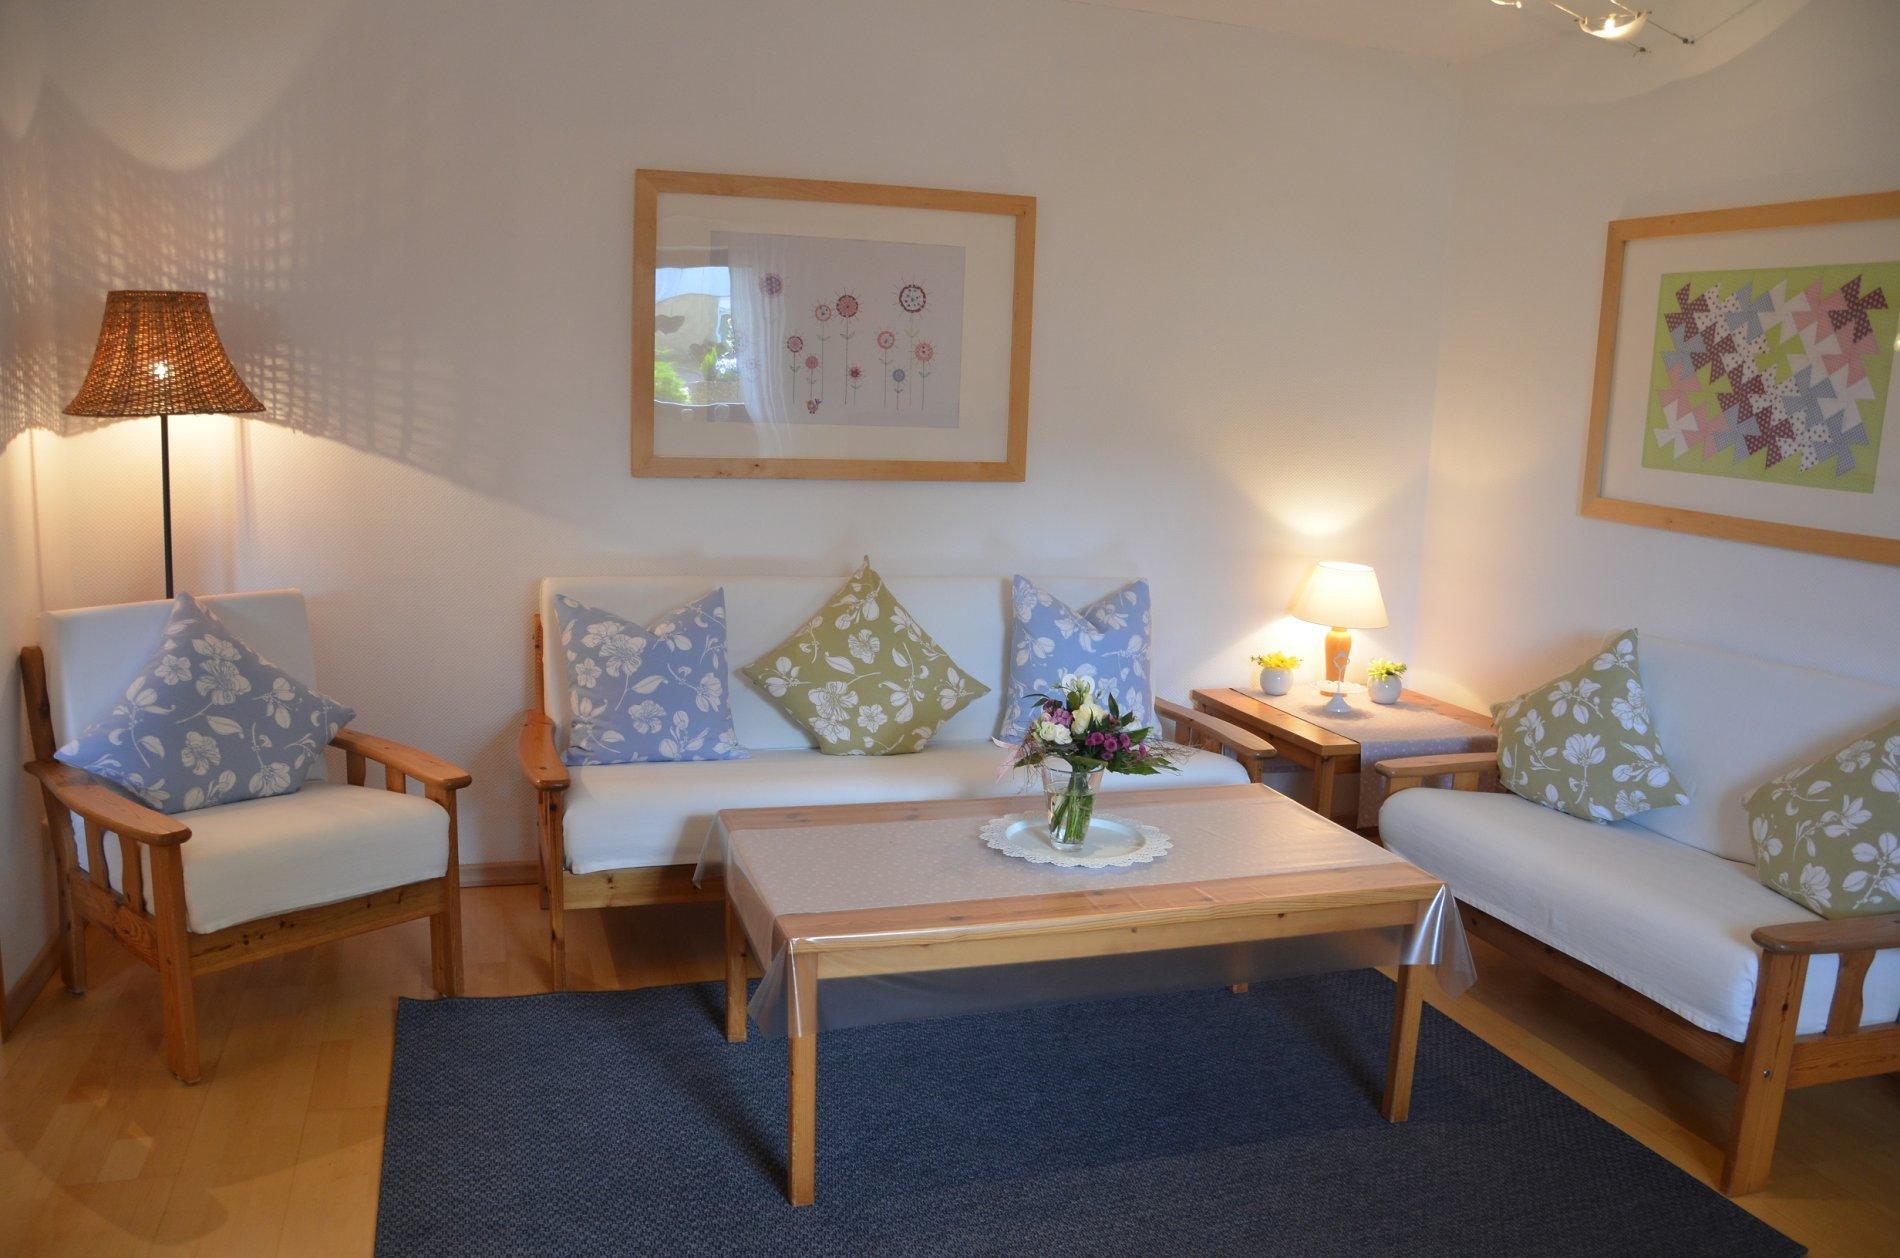 Zwei Sofa mit Sessel in weiß mit Wohnzimmertisch und Teppich auf Laminat